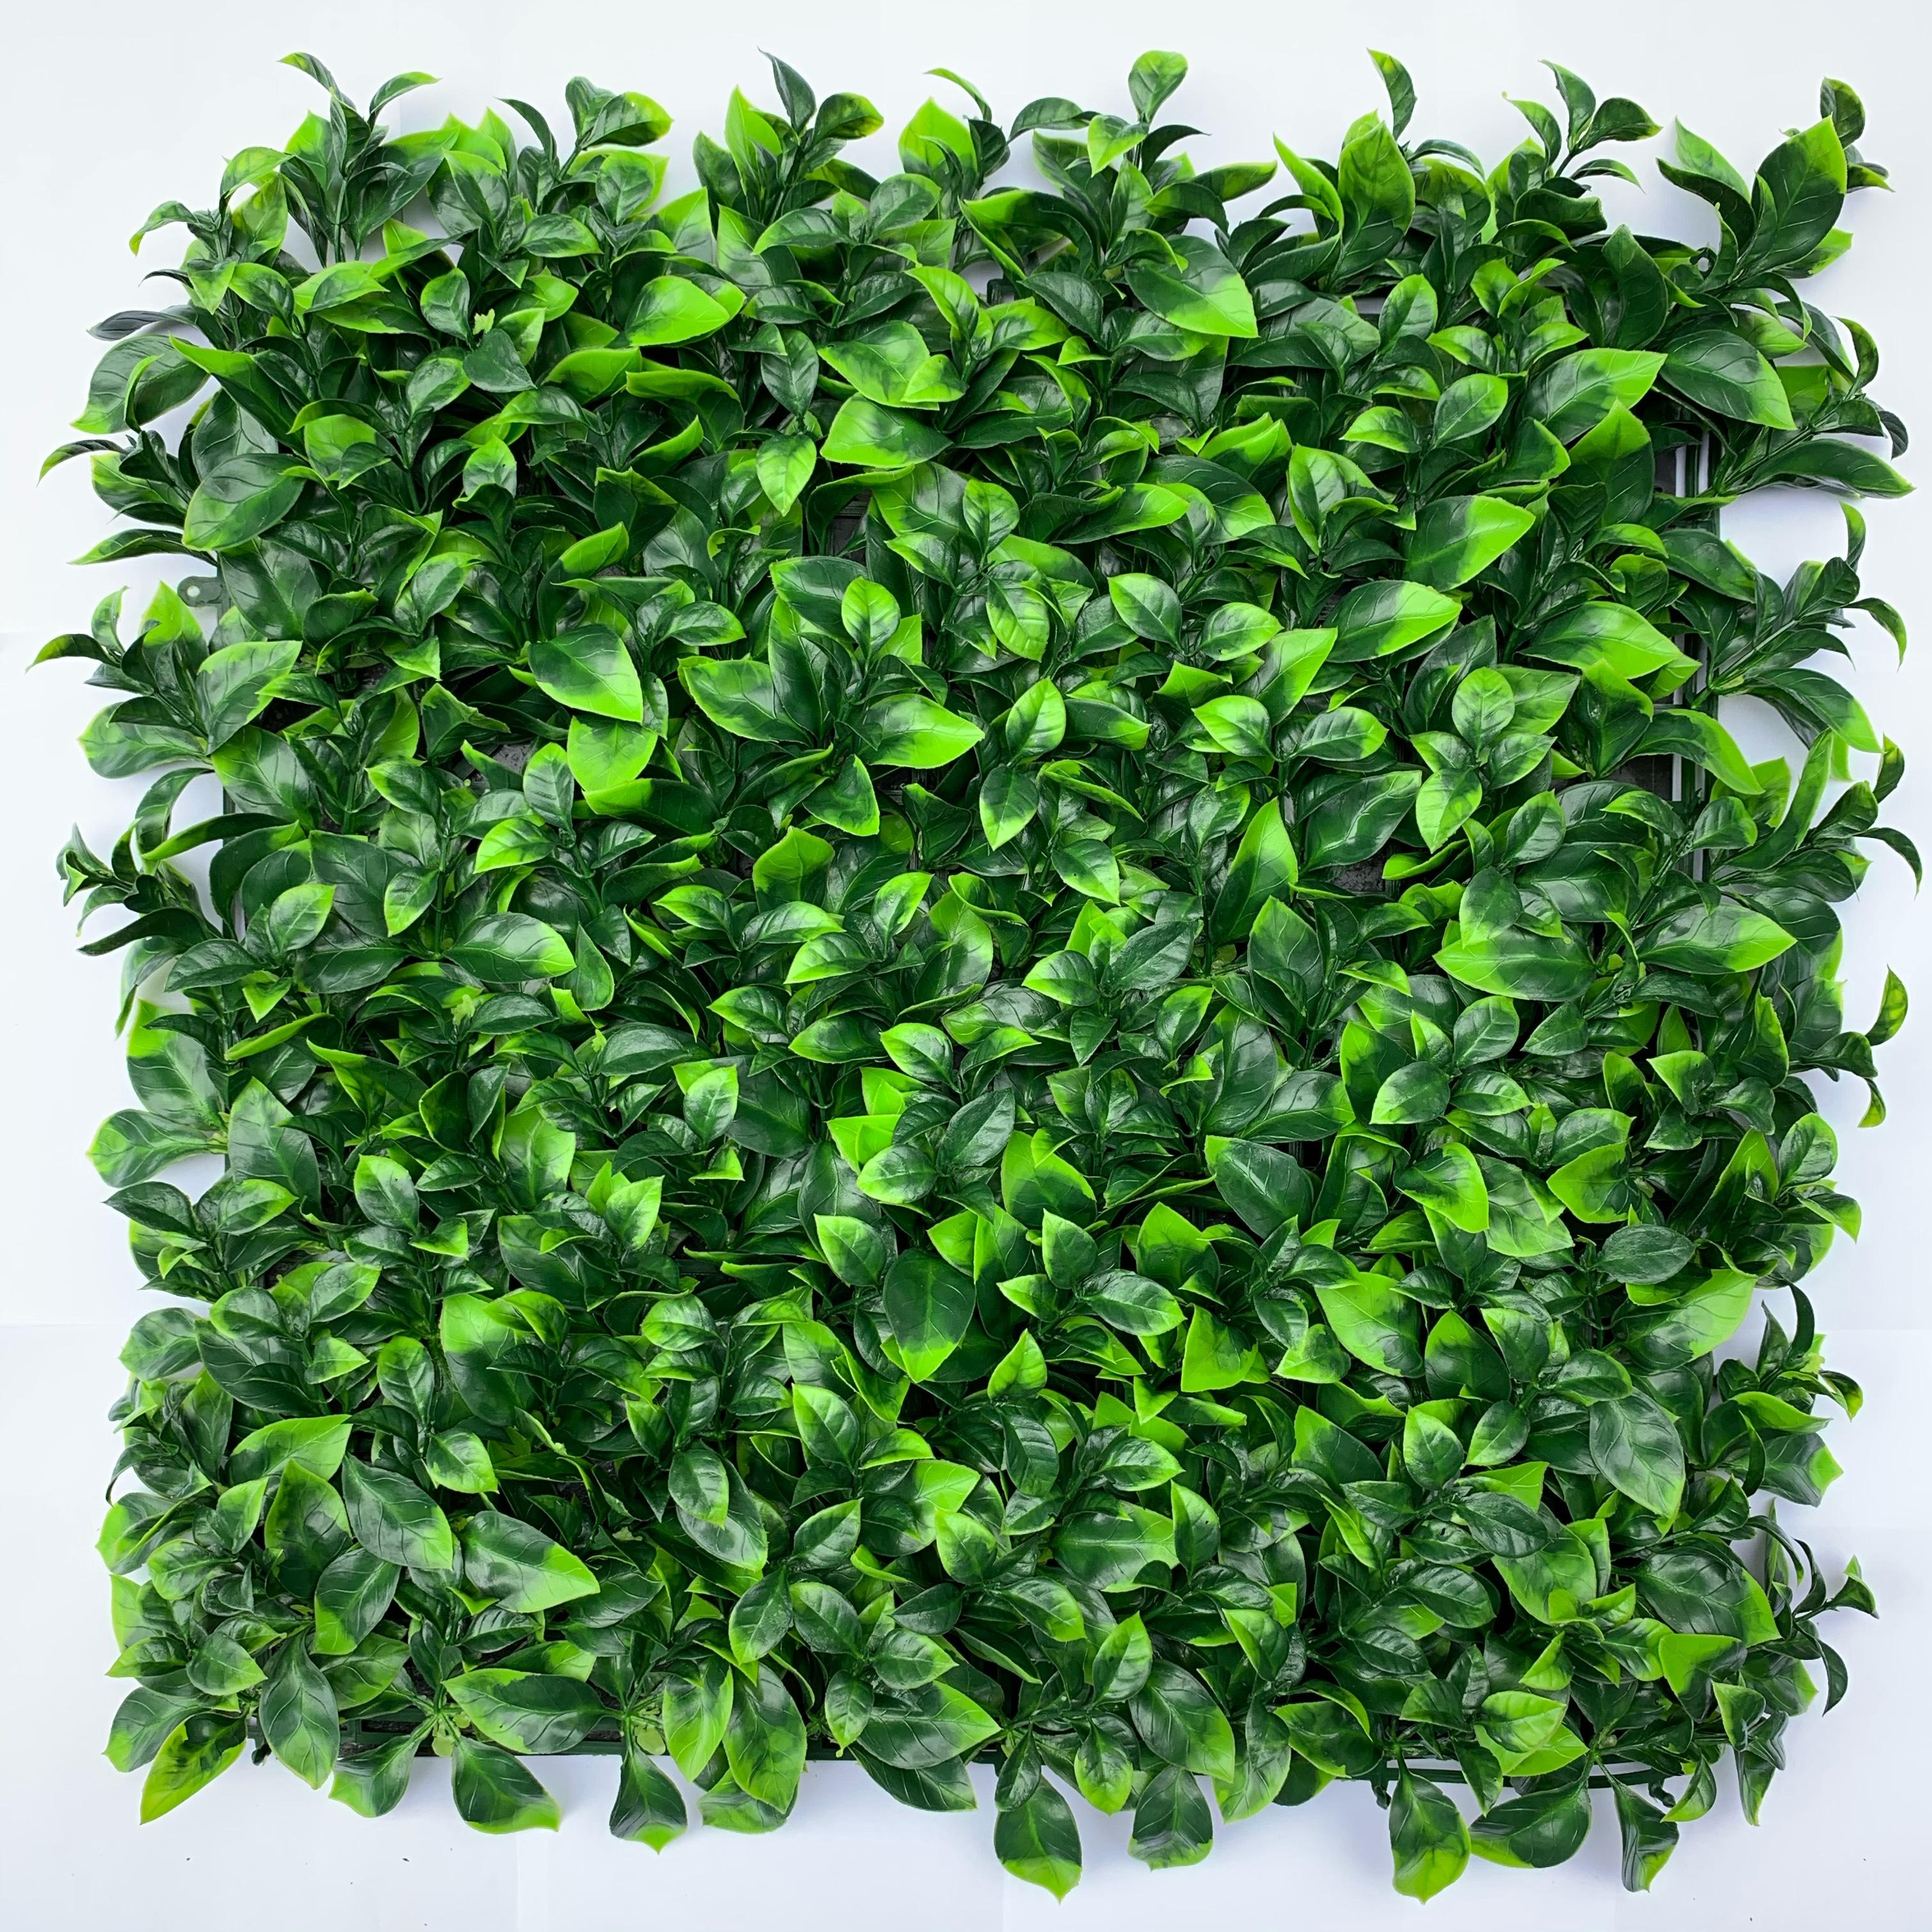 Con hojas finas-medianas, que presentan tonalidades claras y verde vida.  Este follaje es ideal para espacios en donde se requiera dar una apariencia tersa y homogenea.  Ideal para espacios de interior y exterior.